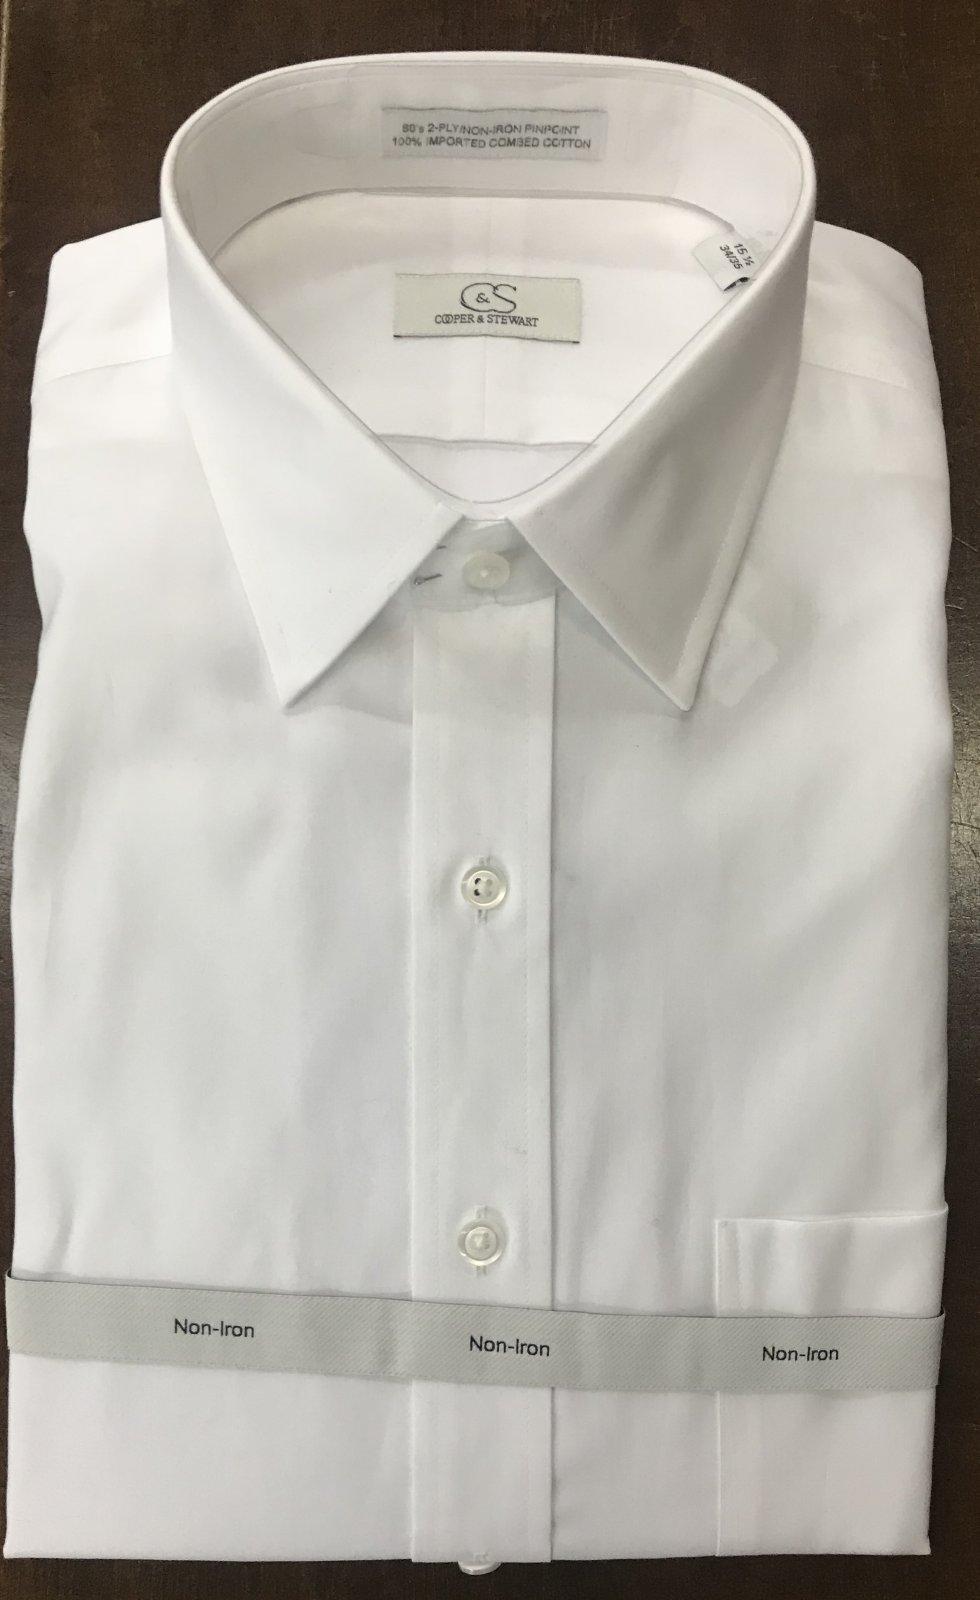 Cooper Stewart Ls Dress Shirt 20 1080 810199020006